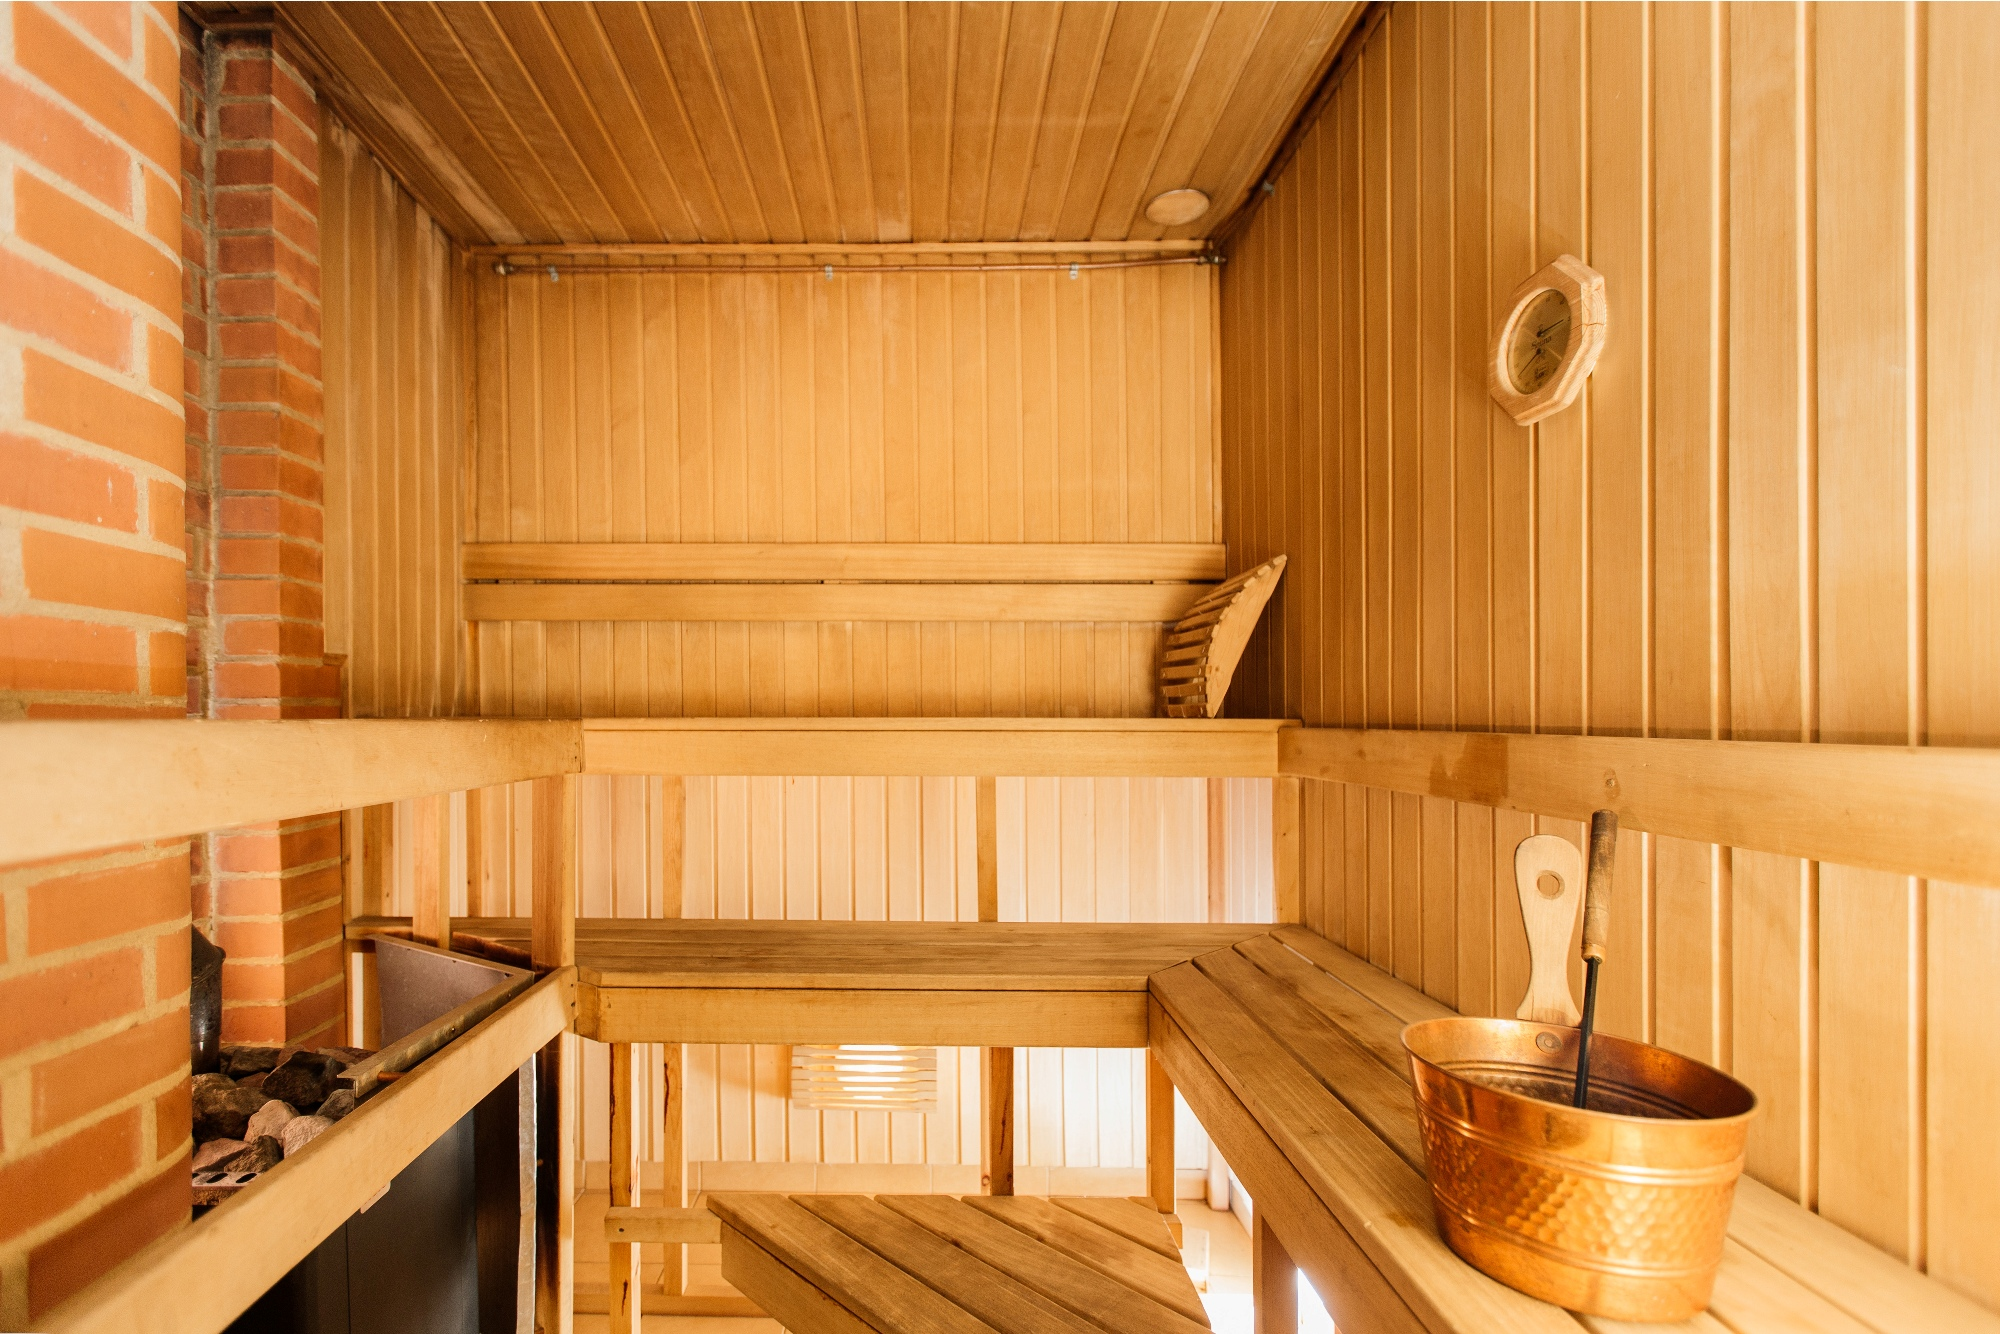 Внутренняя отделка бани: фото парилки и моечной внутри, варианты отделки бань своими руками » интер-ер.ру